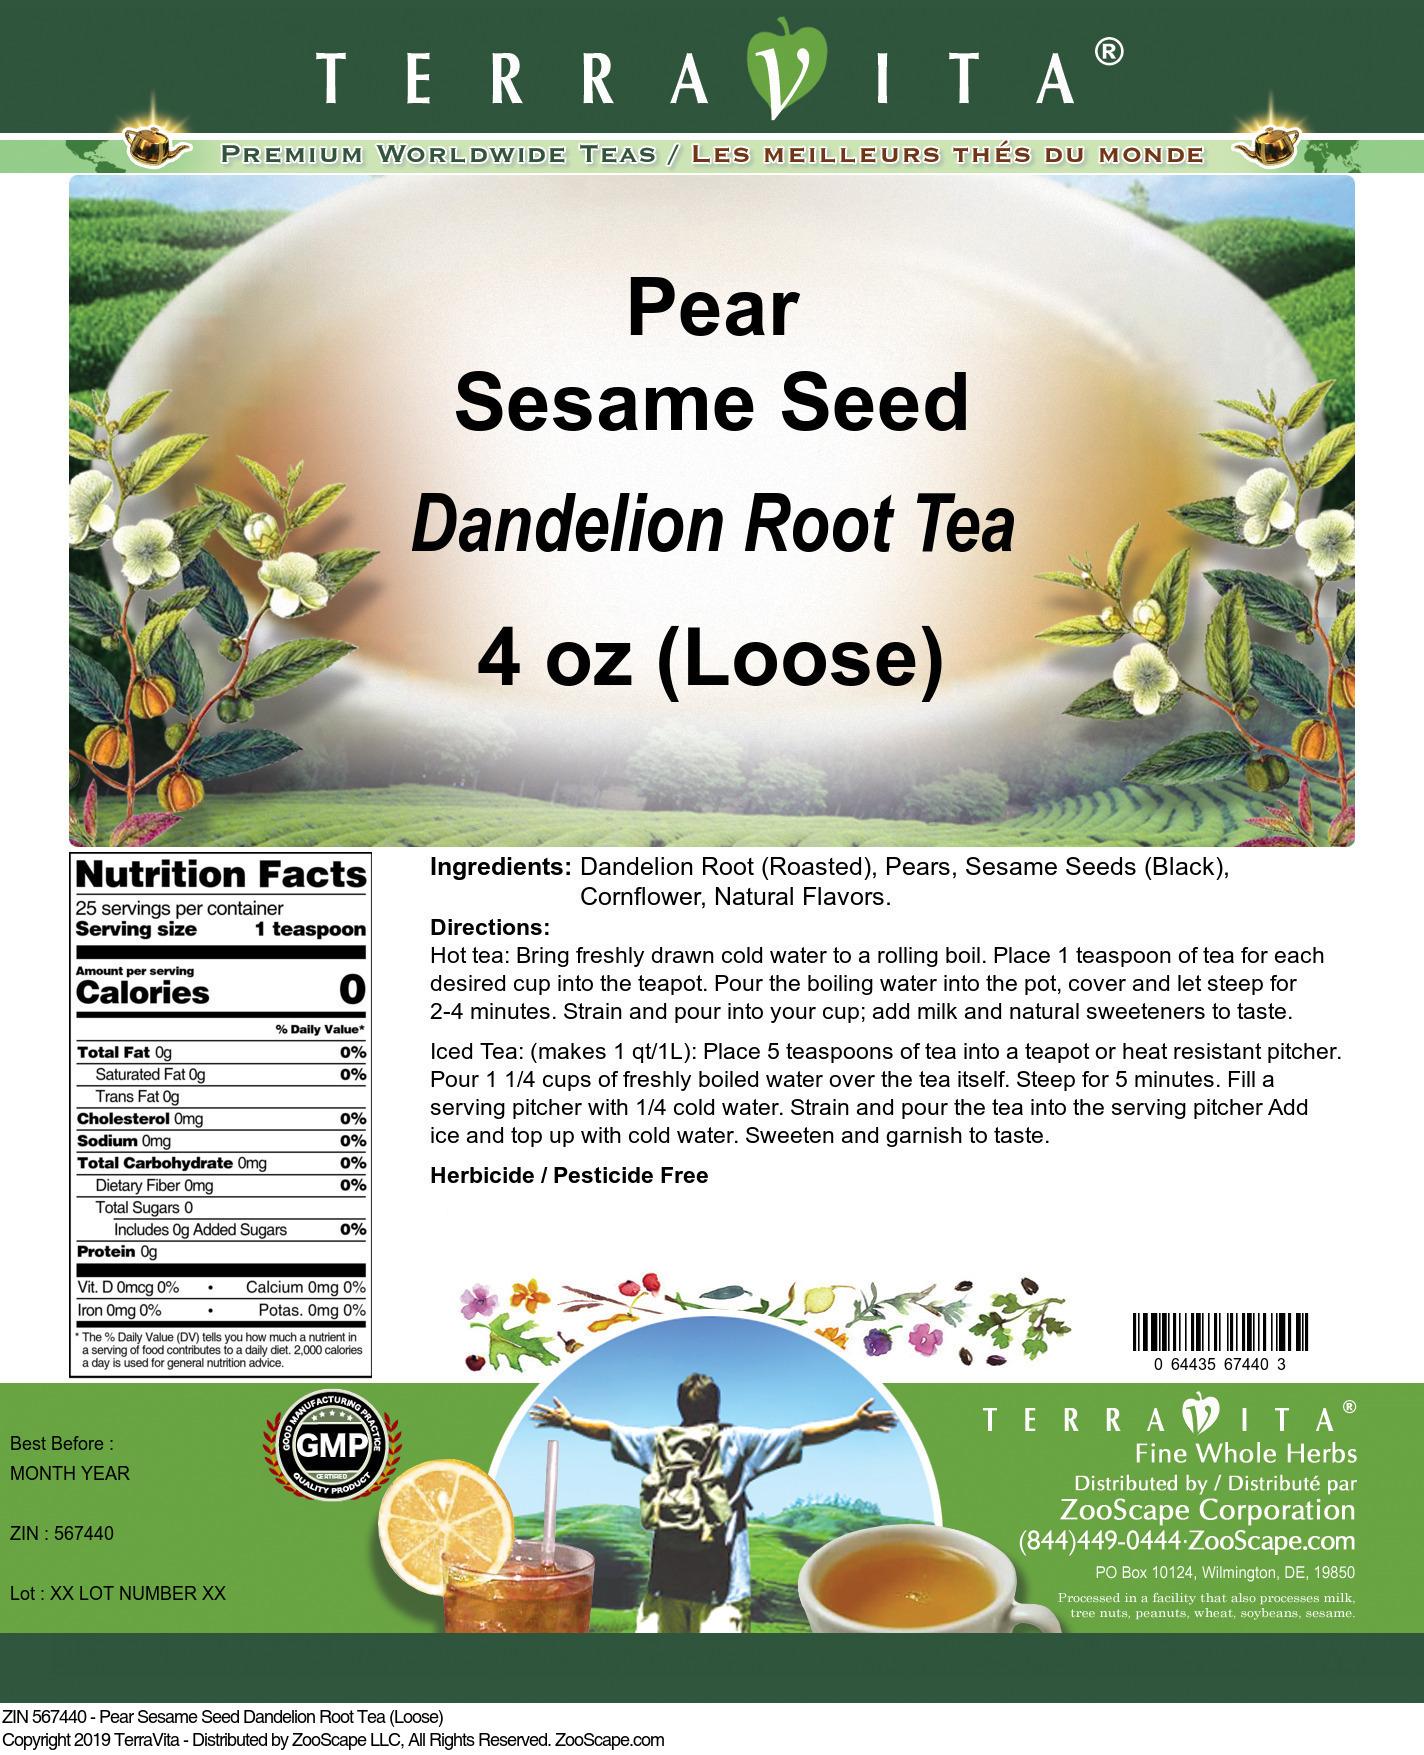 Pear Sesame Seed Dandelion Root